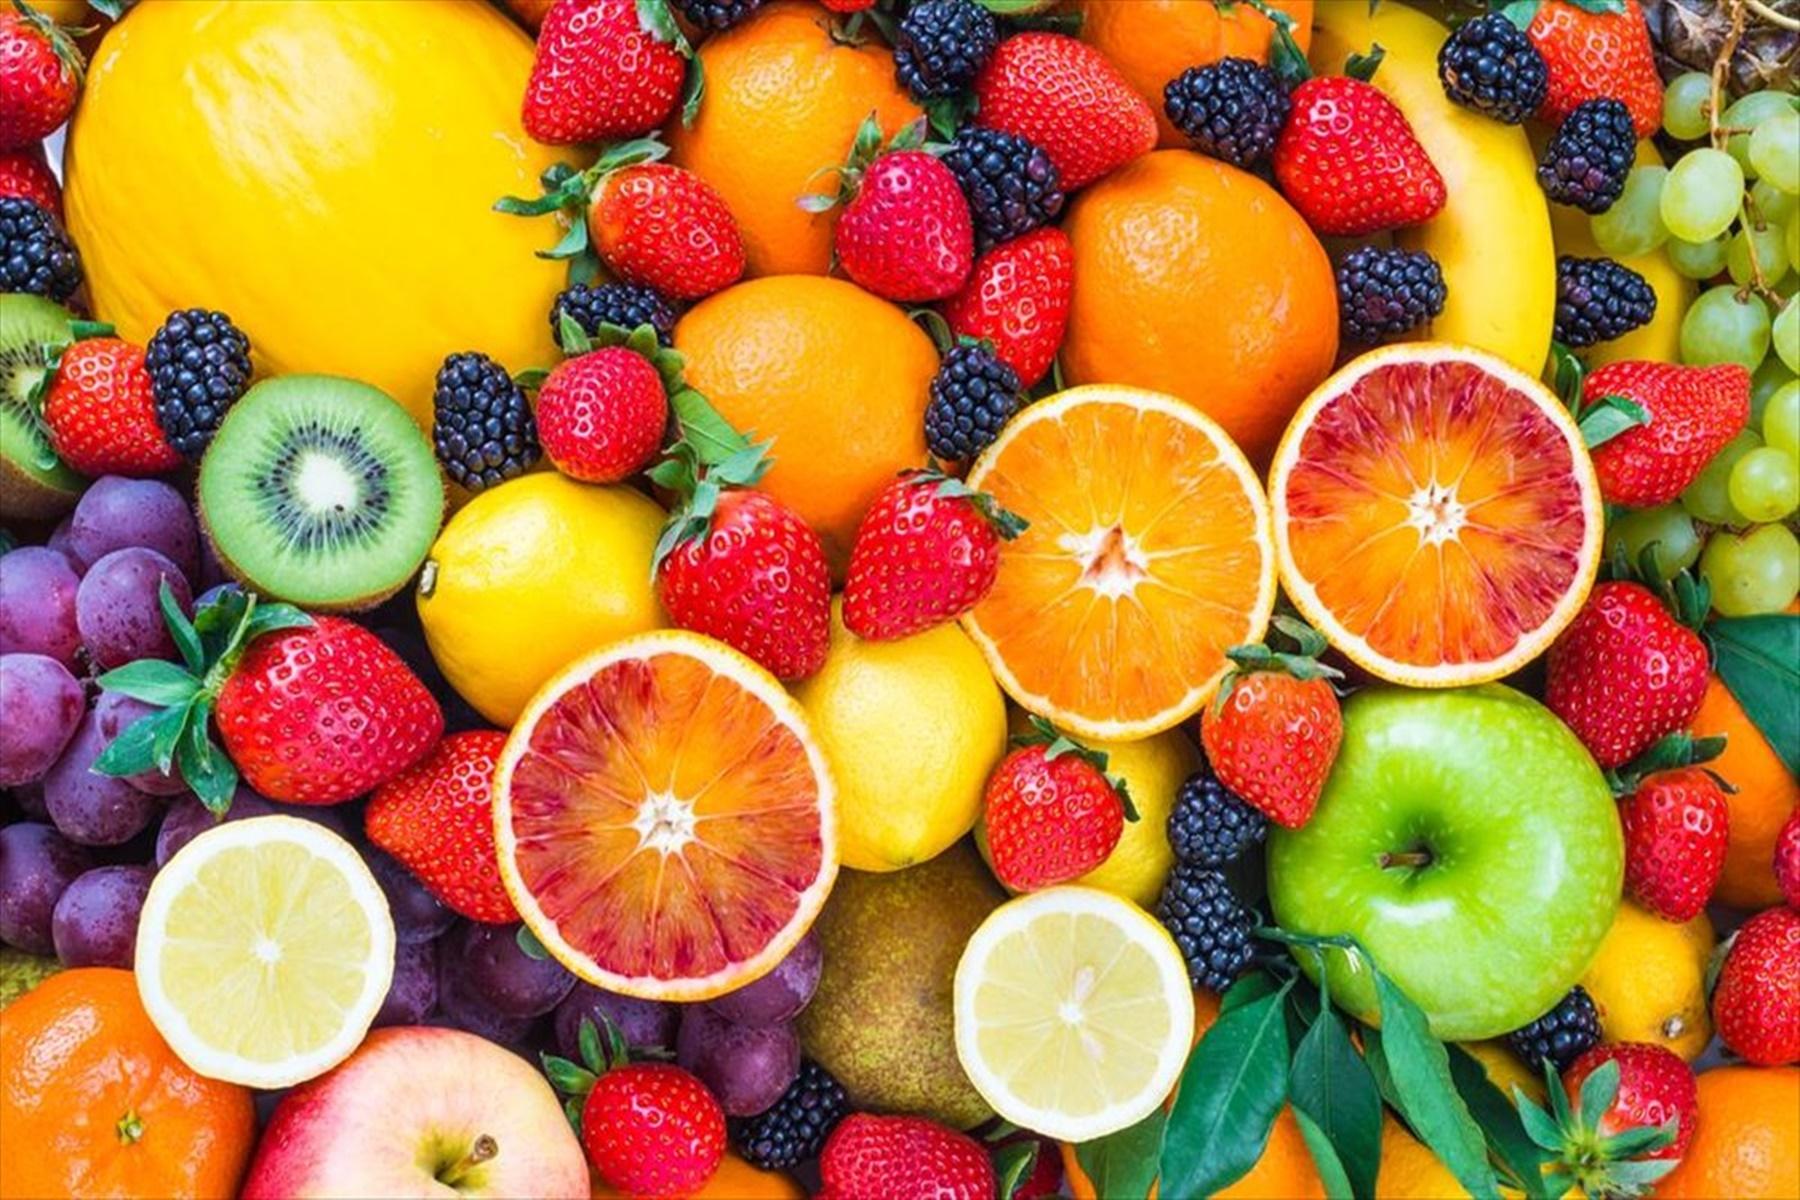 Διατροφή : Φρούτα χαμηλά σε ζάχαρη